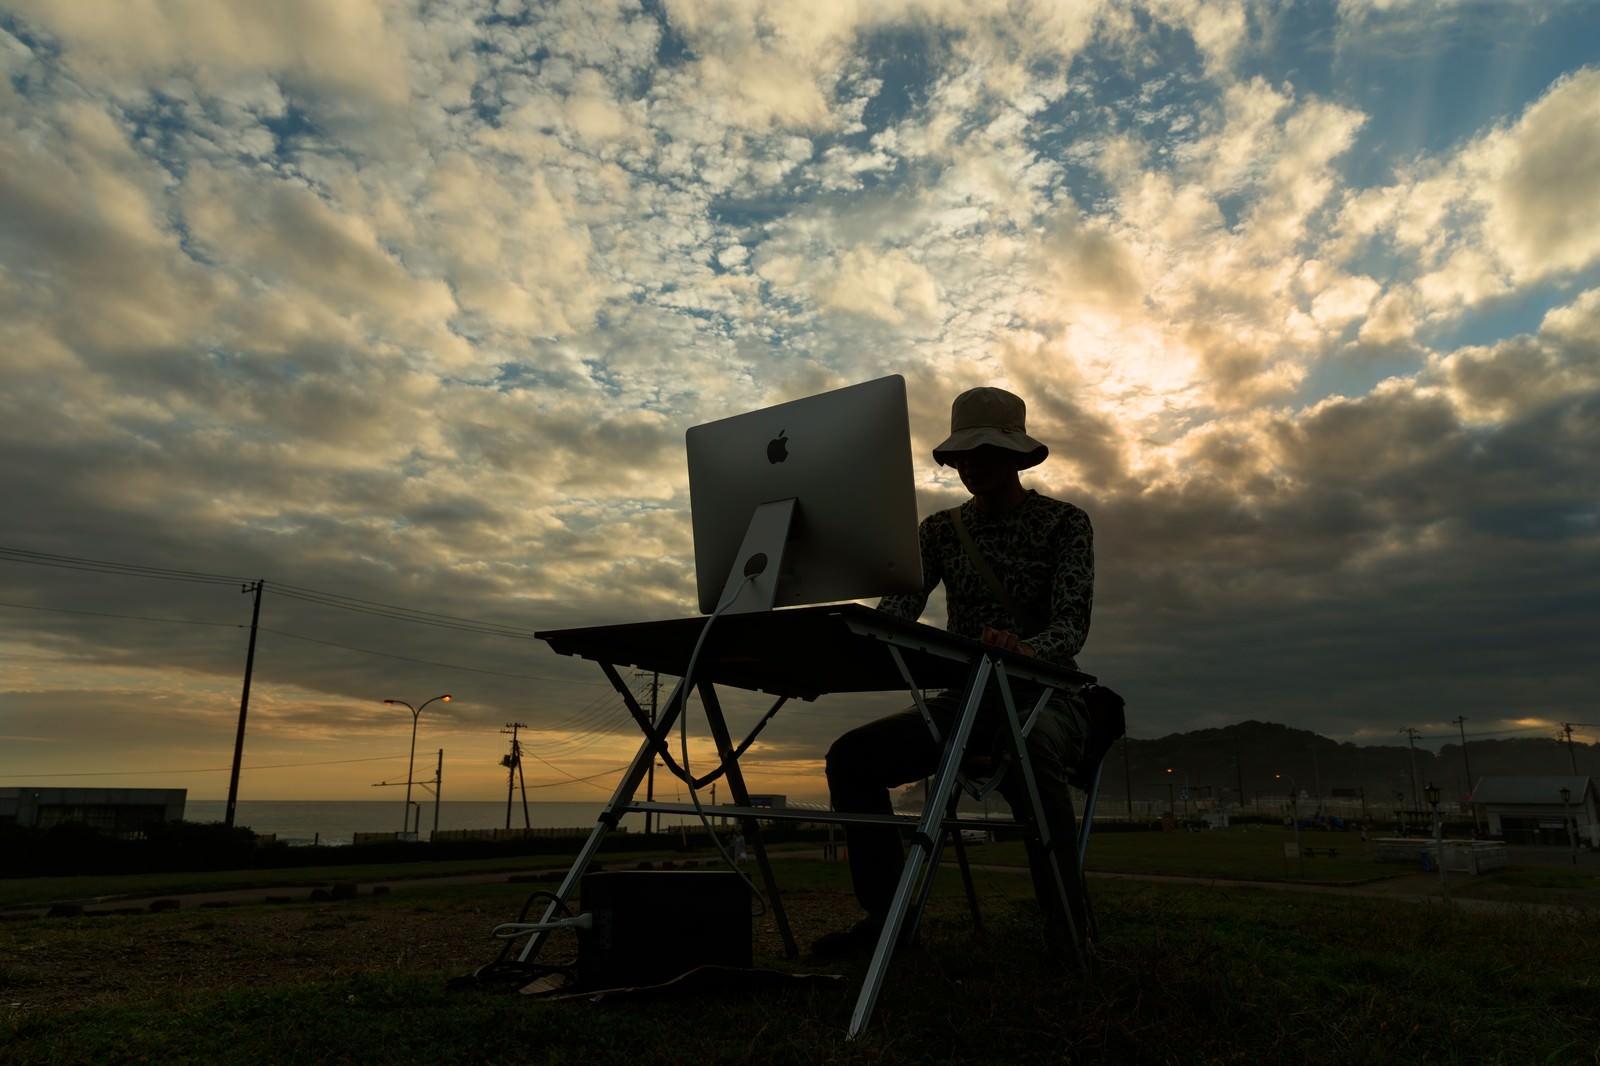 「「また、徹夜だよ」と諦めるWEBディレクター」の写真